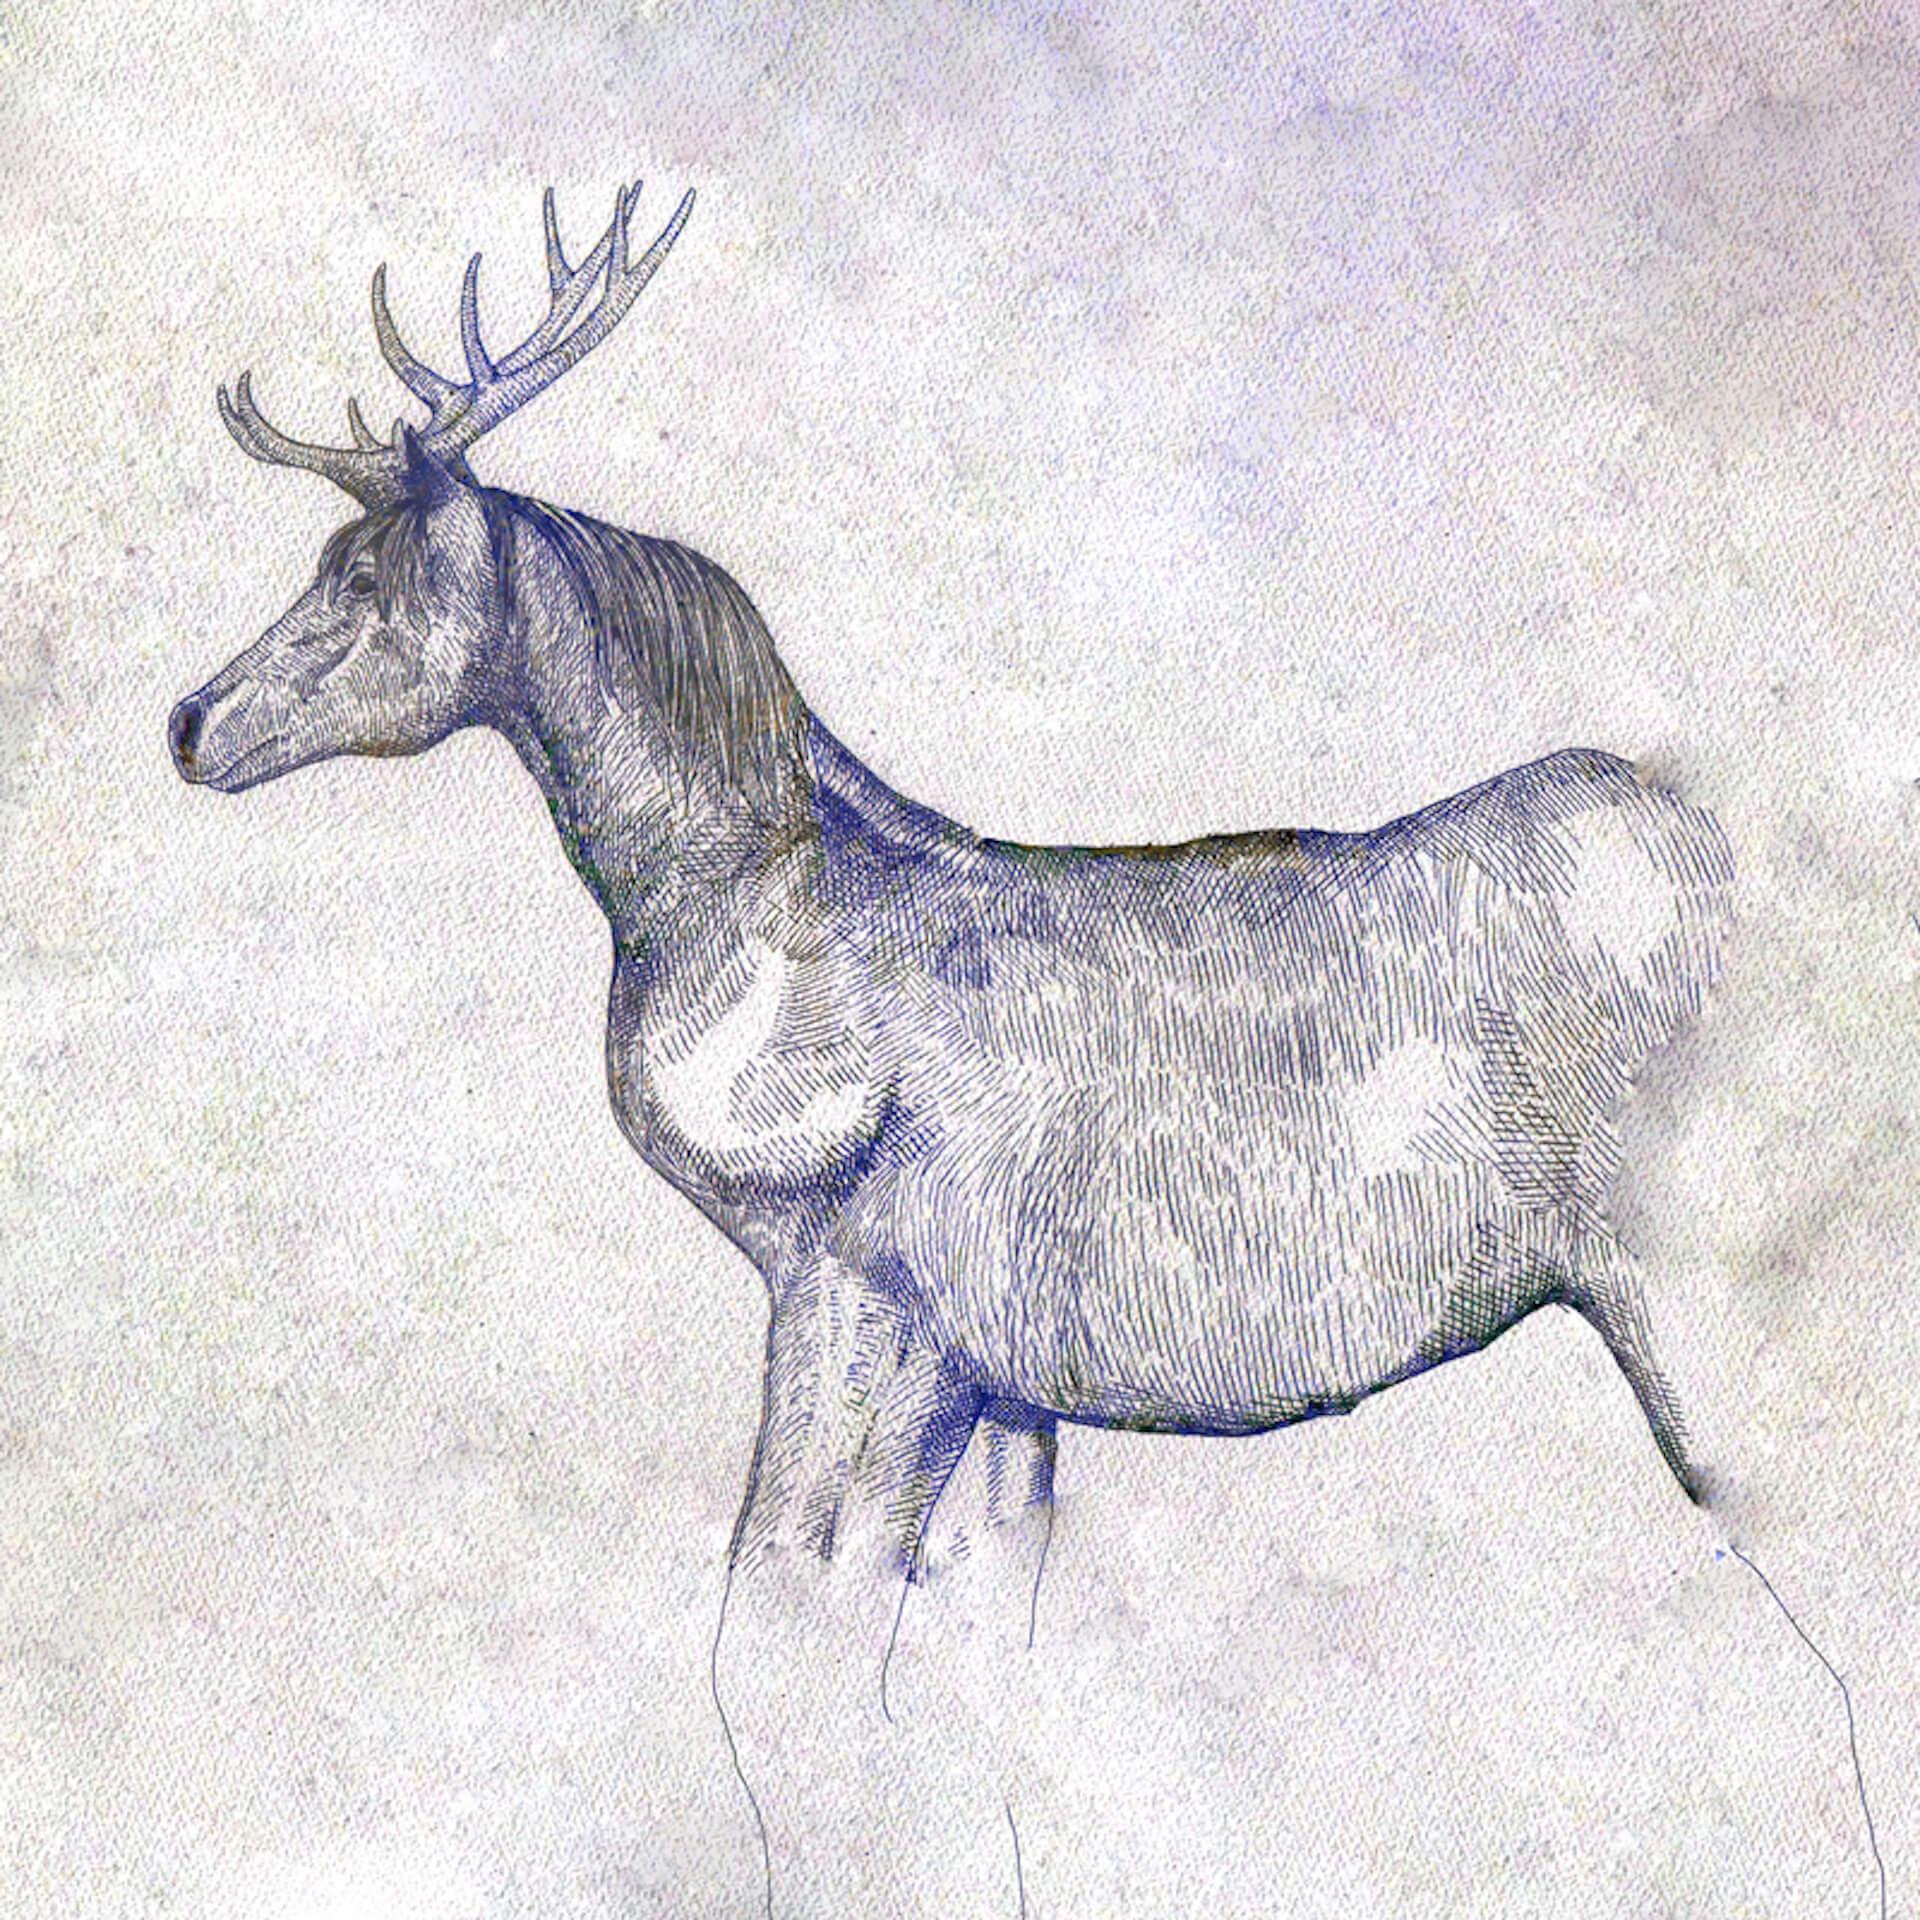 米津玄師「馬と鹿」の勢いは衰え知らず!通算9度目のオリコンランキング1位獲得 music191023_yonezukenshi_umatoshika_main